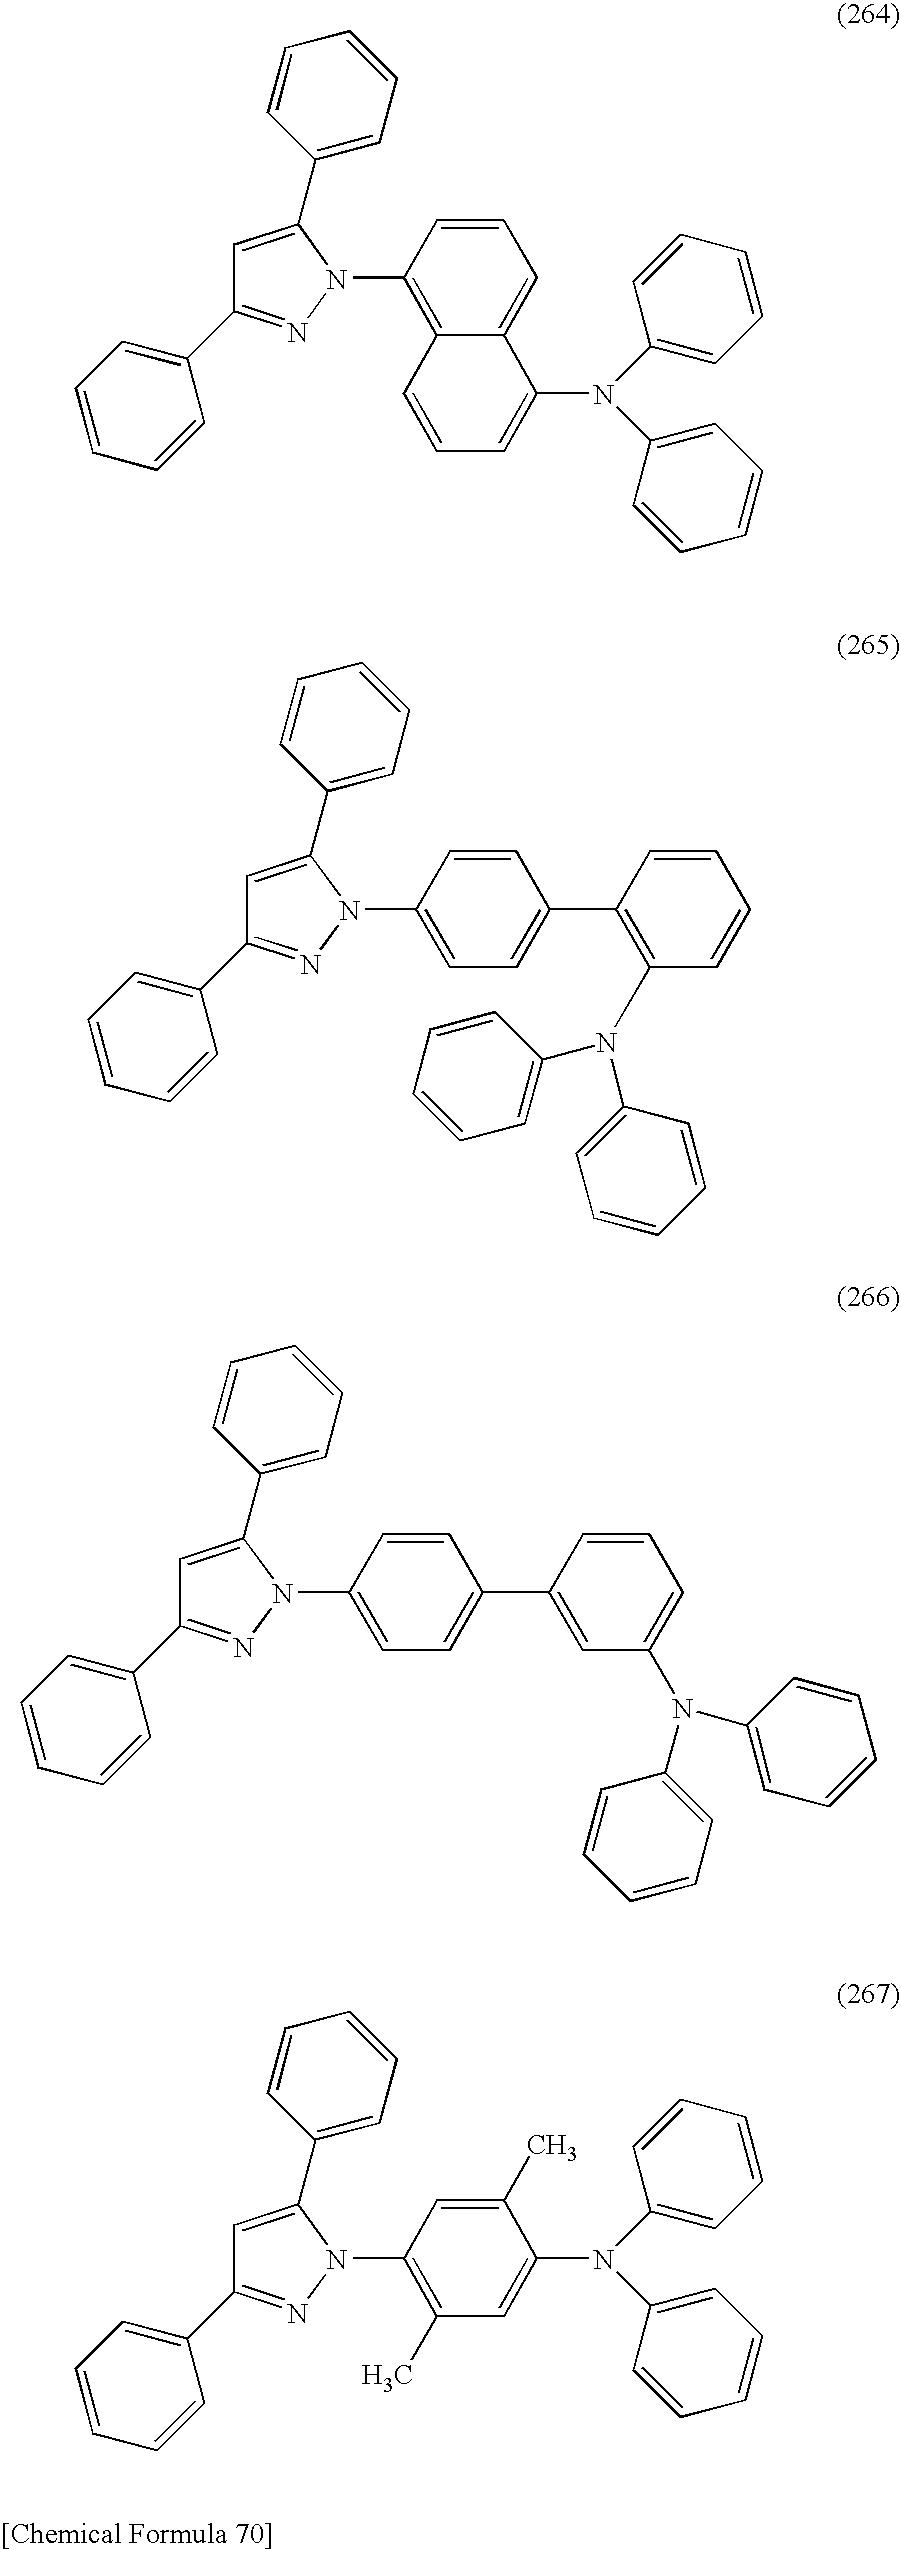 Figure US08551625-20131008-C00087